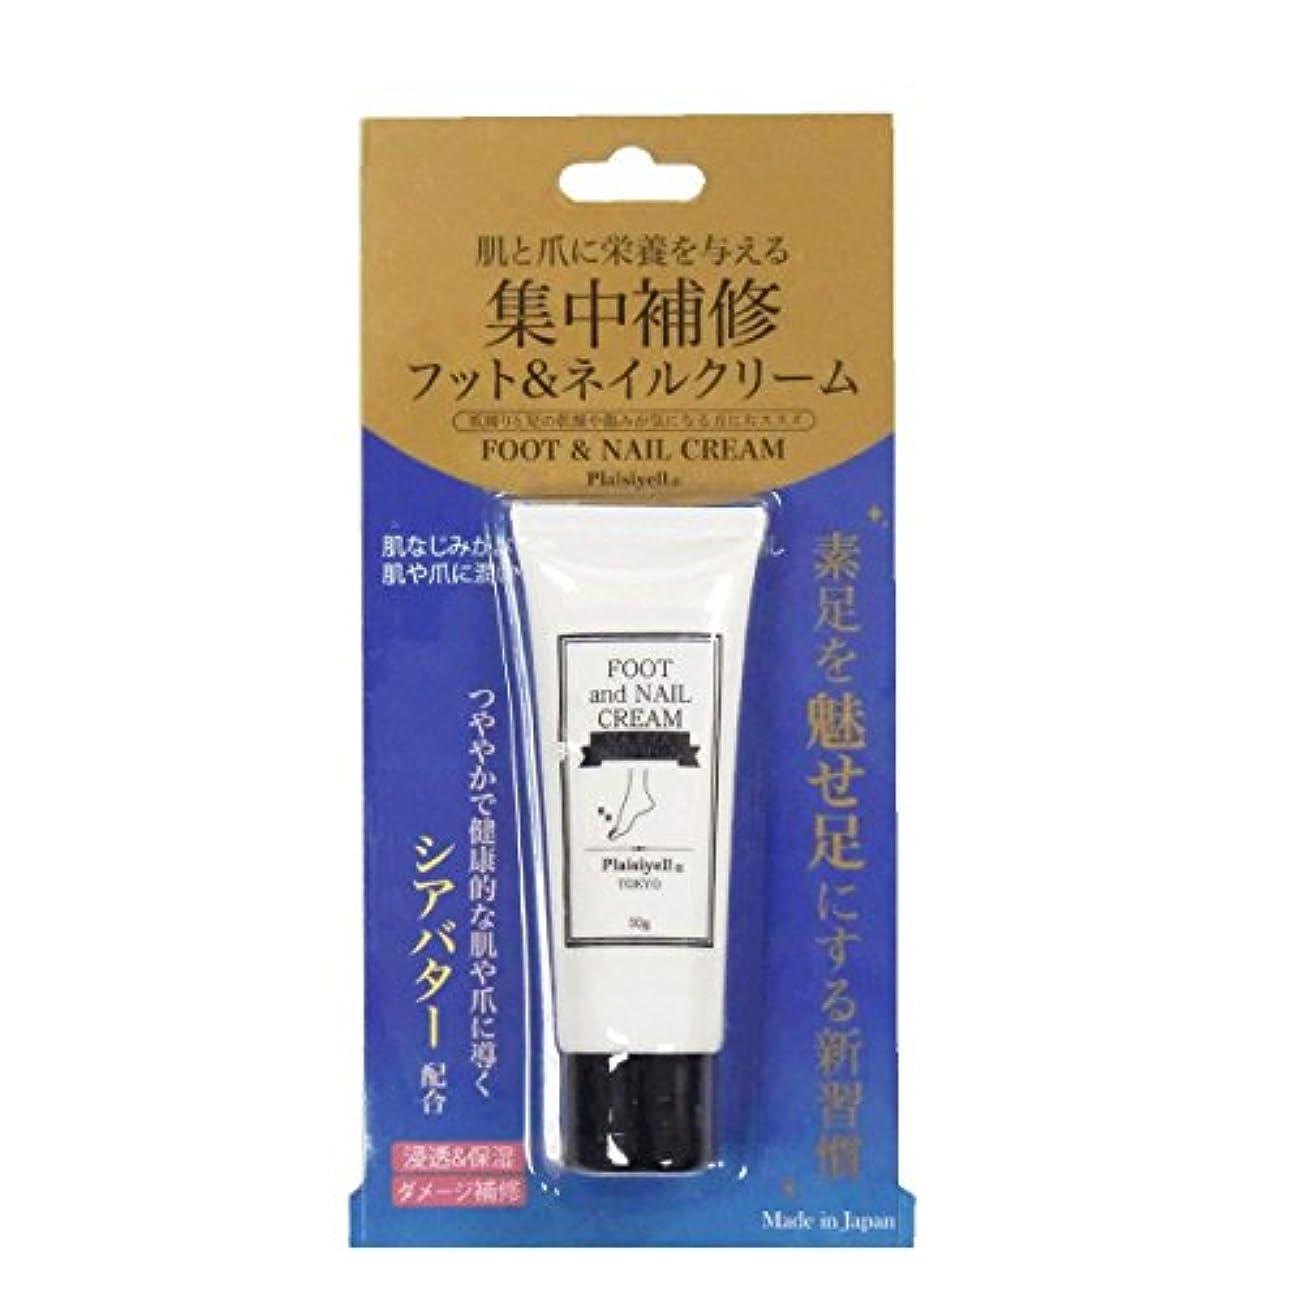 理容師キャビンプールプレジエール【フットコスメ】フット&ネイルクリーム